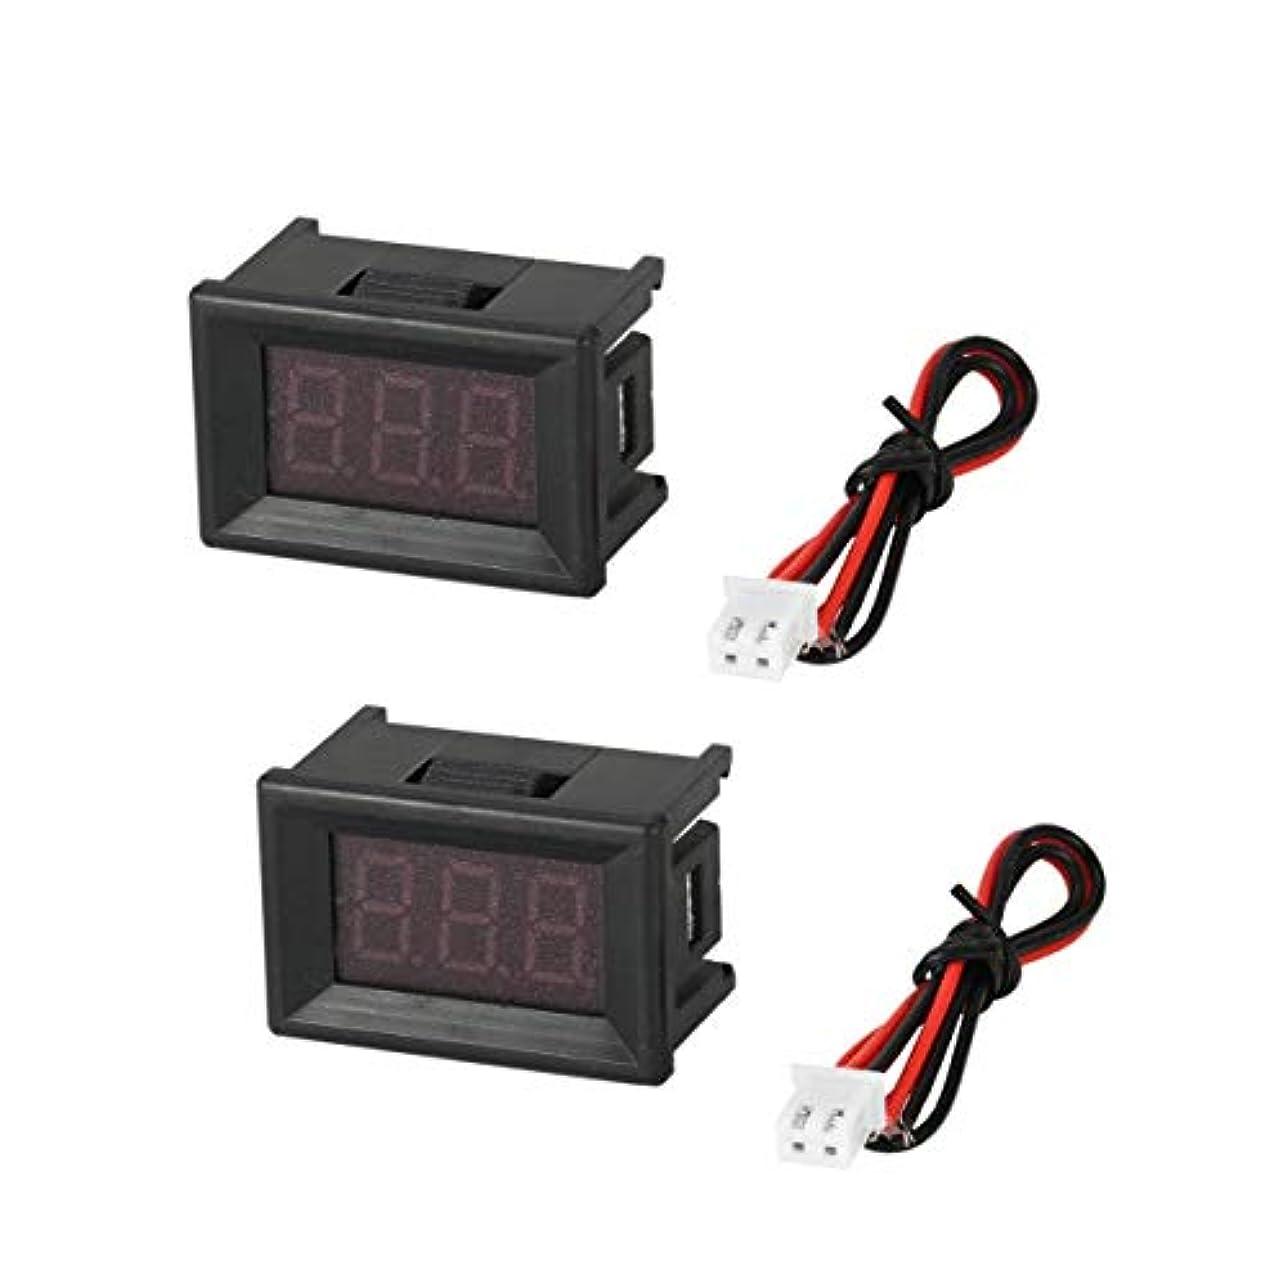 部族任意征服2PCS 2.5-30V 0.36in 2線式LEDデジタル電圧計電圧計カーボルトテスター